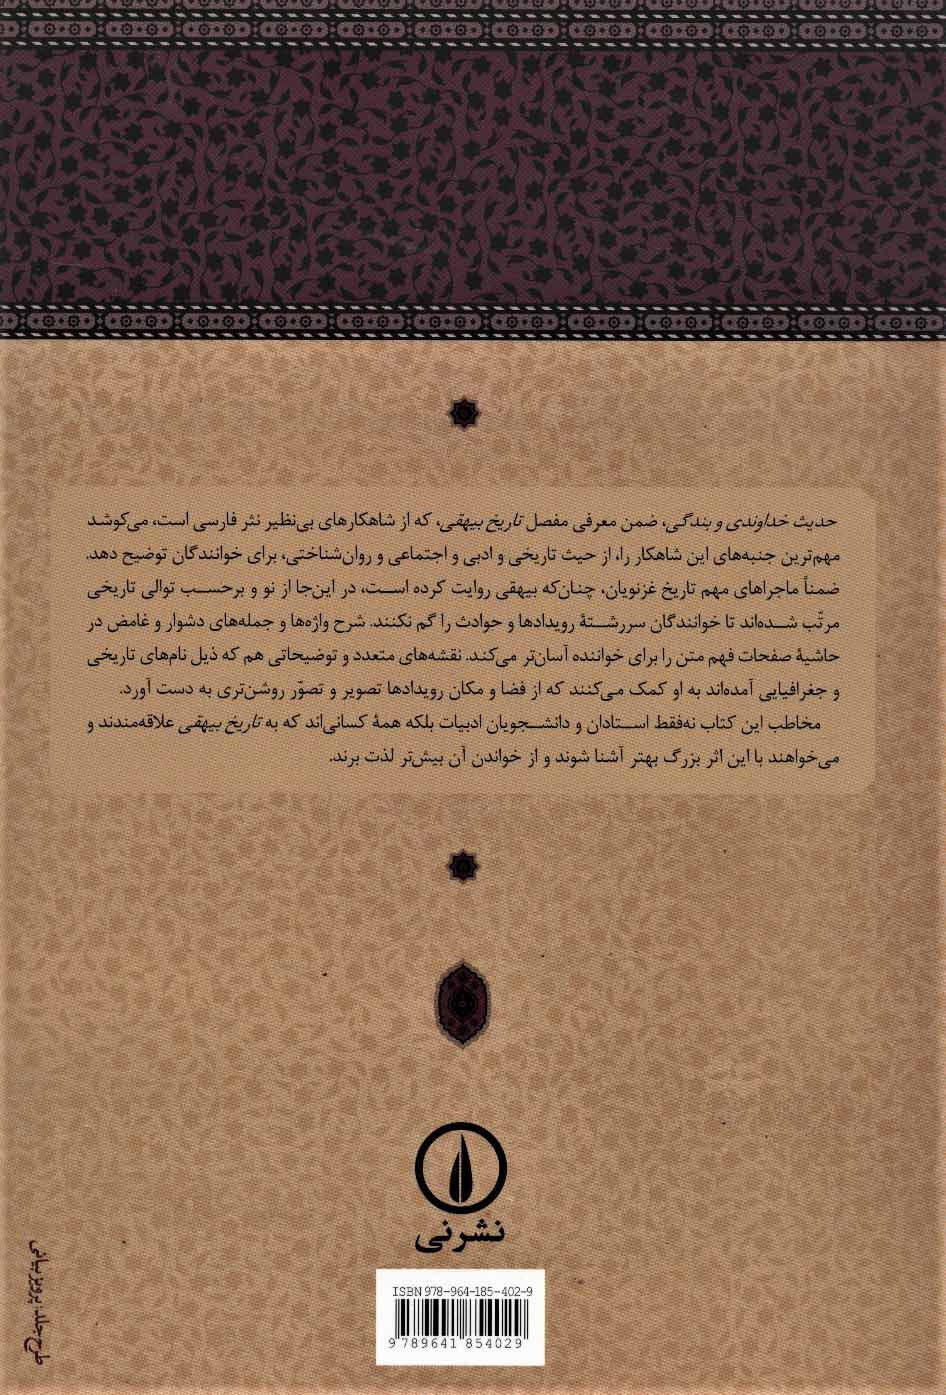 حدیث خداوندی و بندگی (تحلیل تاریخ بیهقی از دیدگاه ادبی،اجتماعی و روان شناختی)